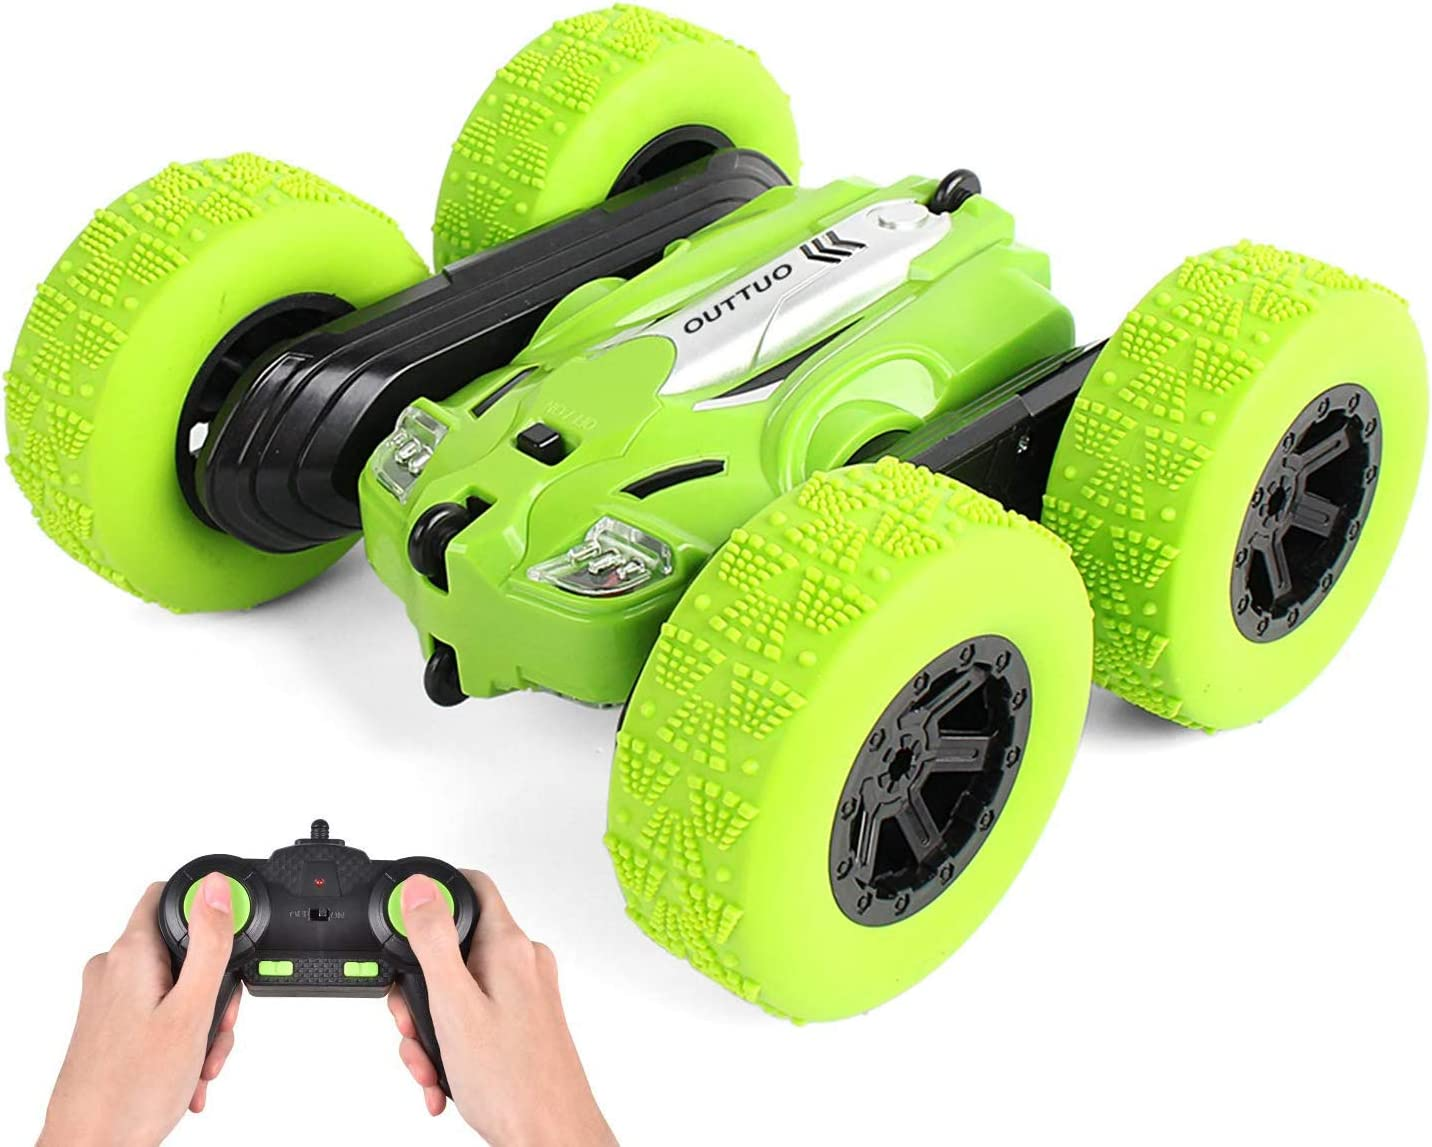 2,4 GHz RC Stunt Auto,4WD 360 Spins Ferngesteuertes Auto Stunt Auto für Kinder